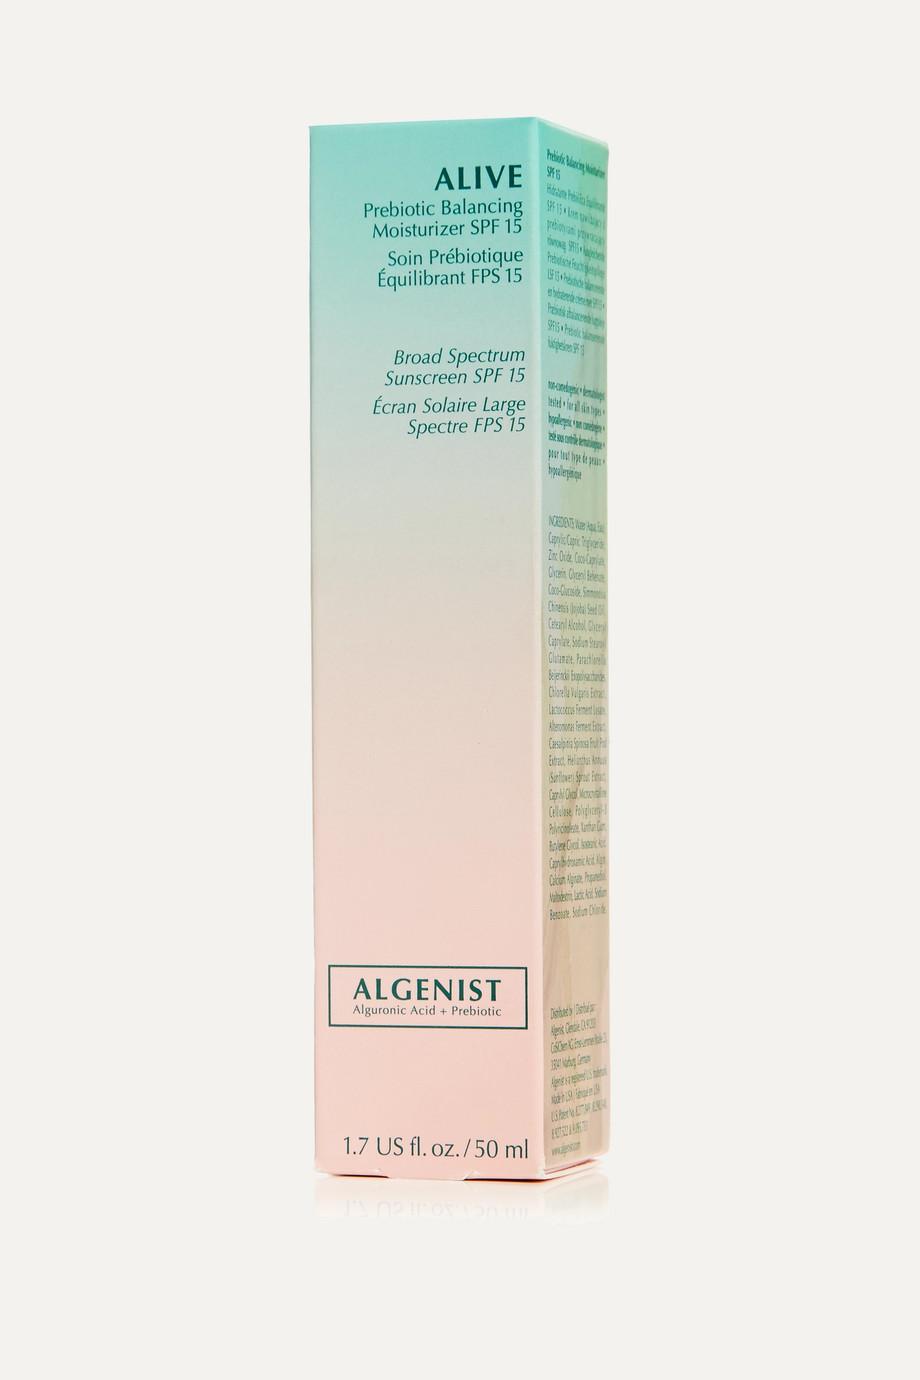 Algenist ALIVE Prebiotic Balancing Moisturizer LSF 15, 50 ml – Feuchtigkeitscreme